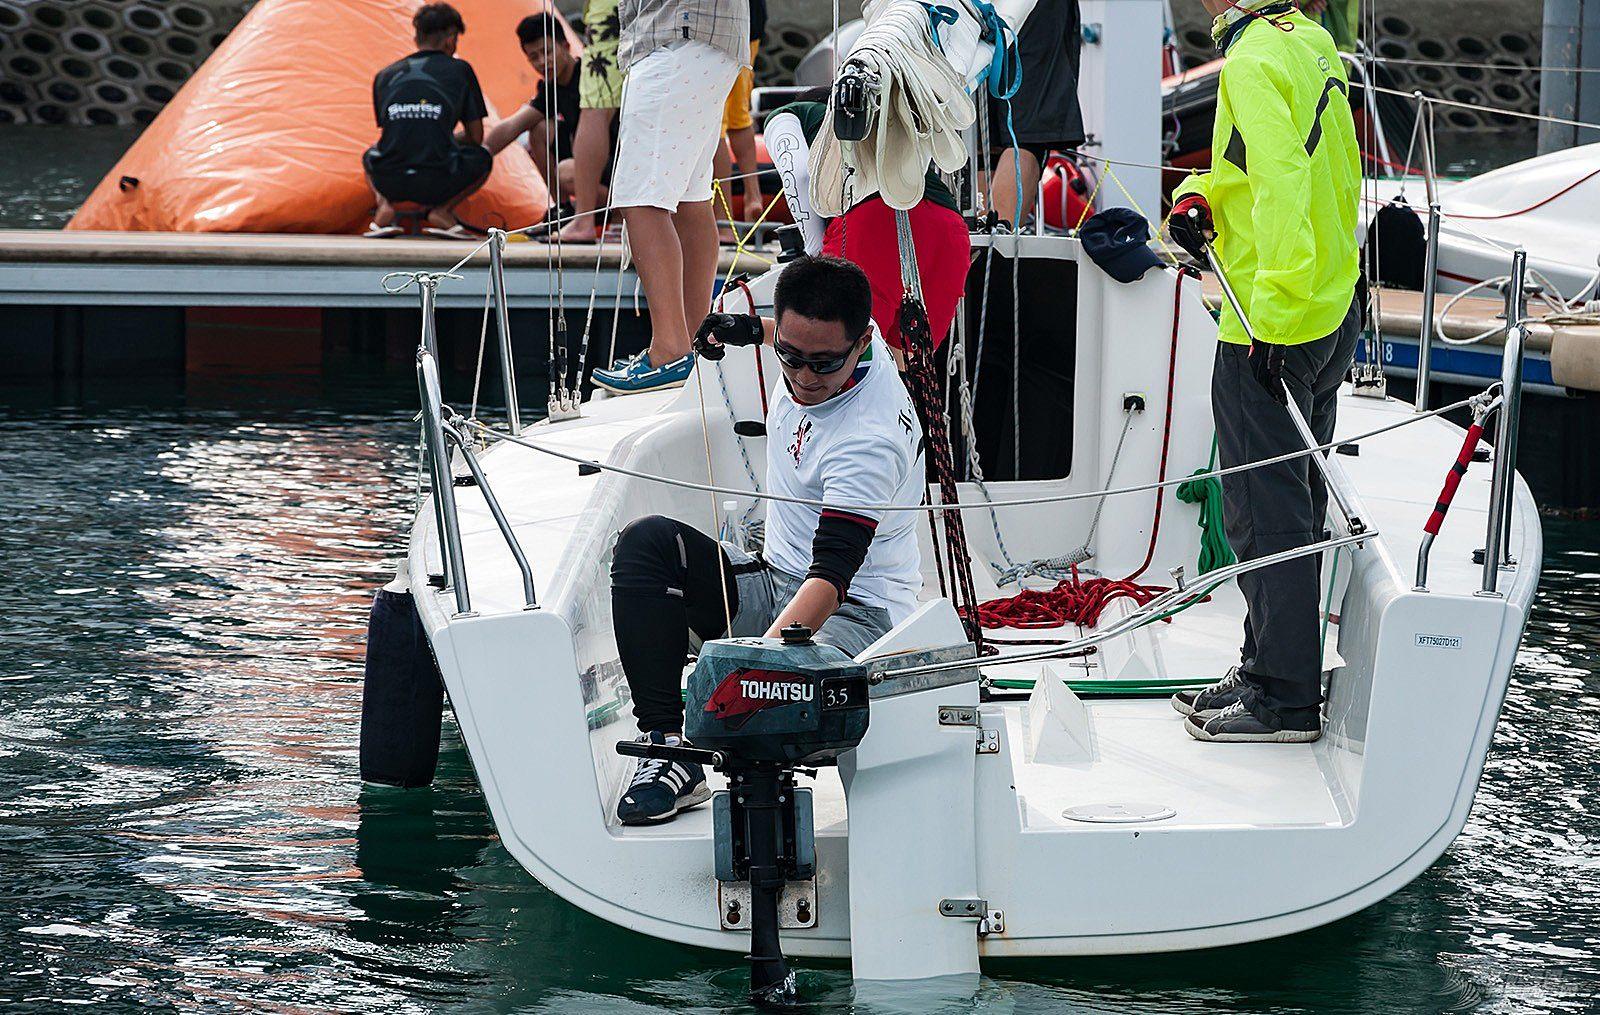 【2015大鹏杯帆船赛】51航海网船队整装待发